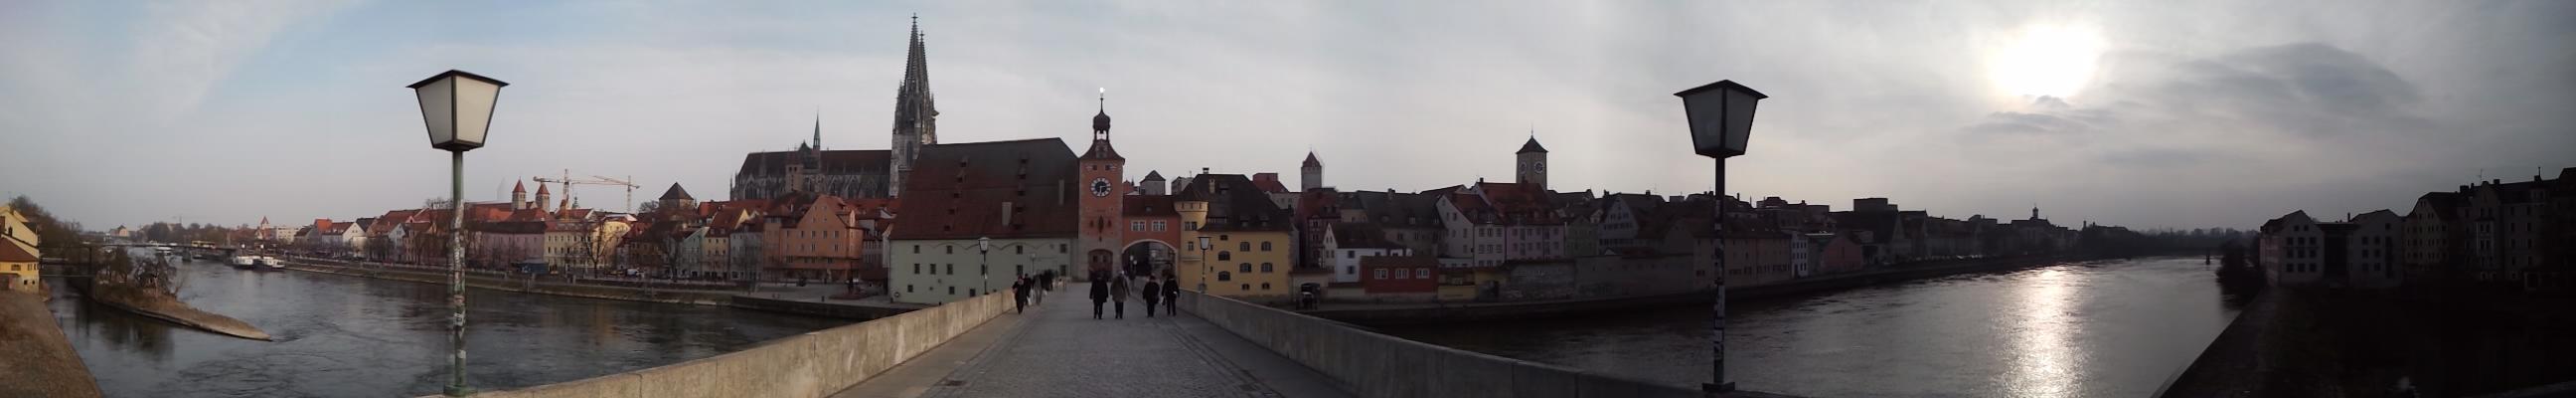 Panorama Regensburg (Steinerne Brücke)